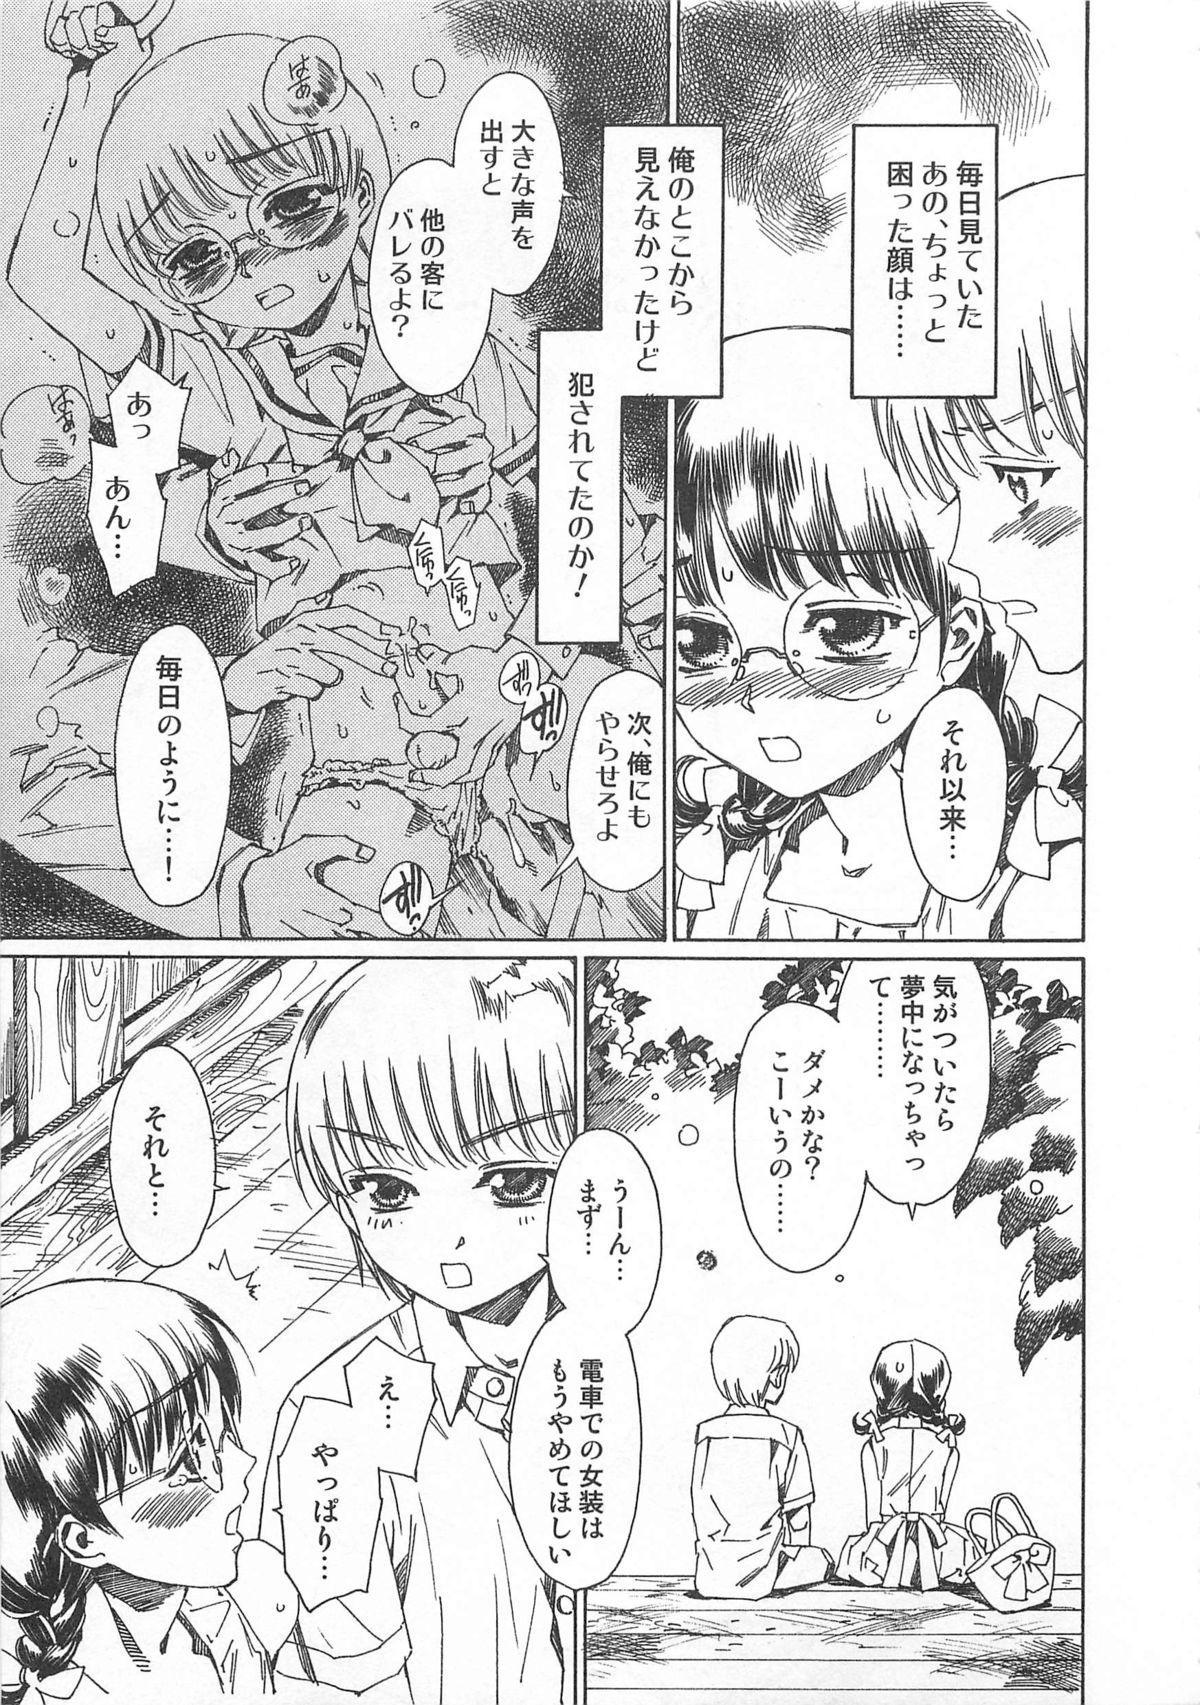 Otokonoko HEAVEN Vol. 01 Meganekko 39